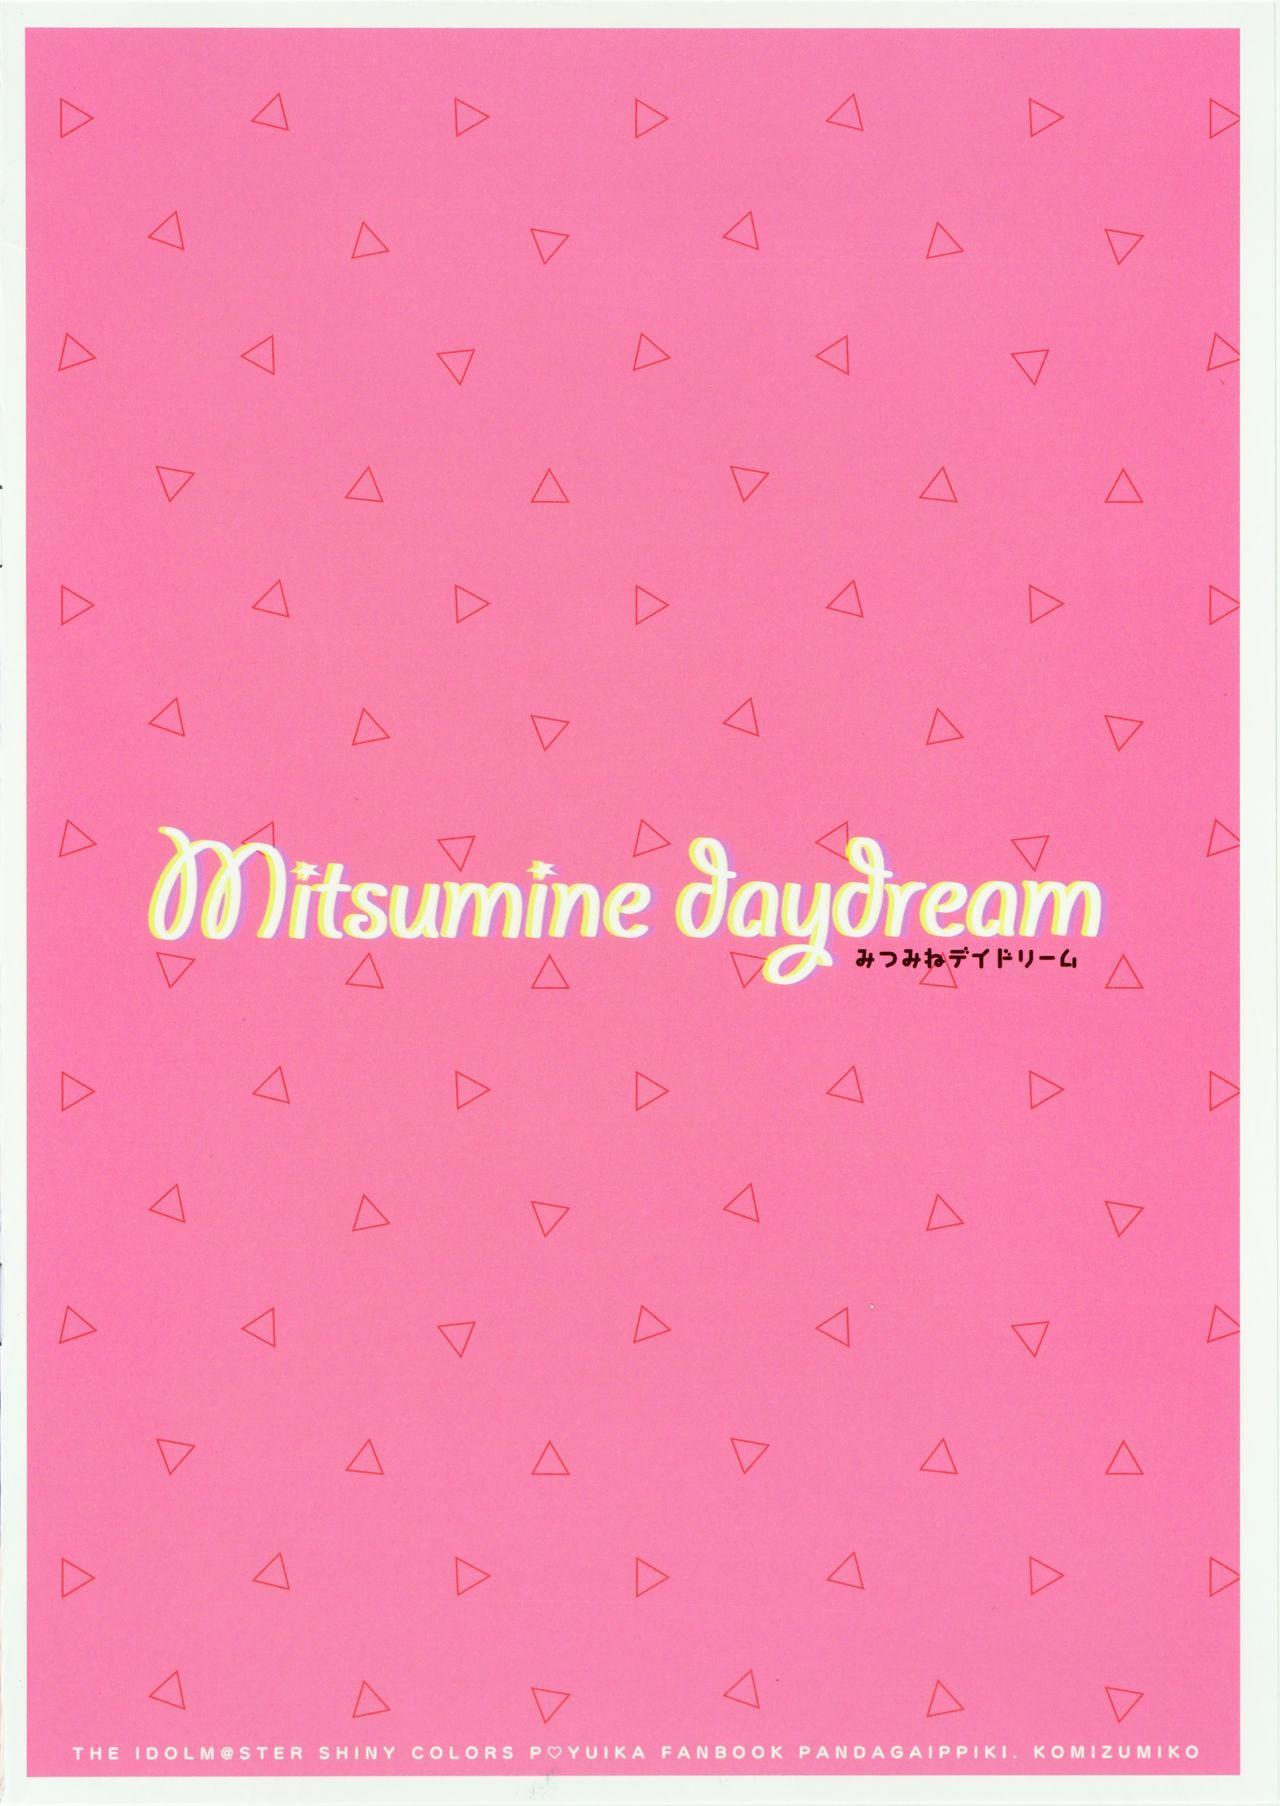 Mitsumine daydream 15